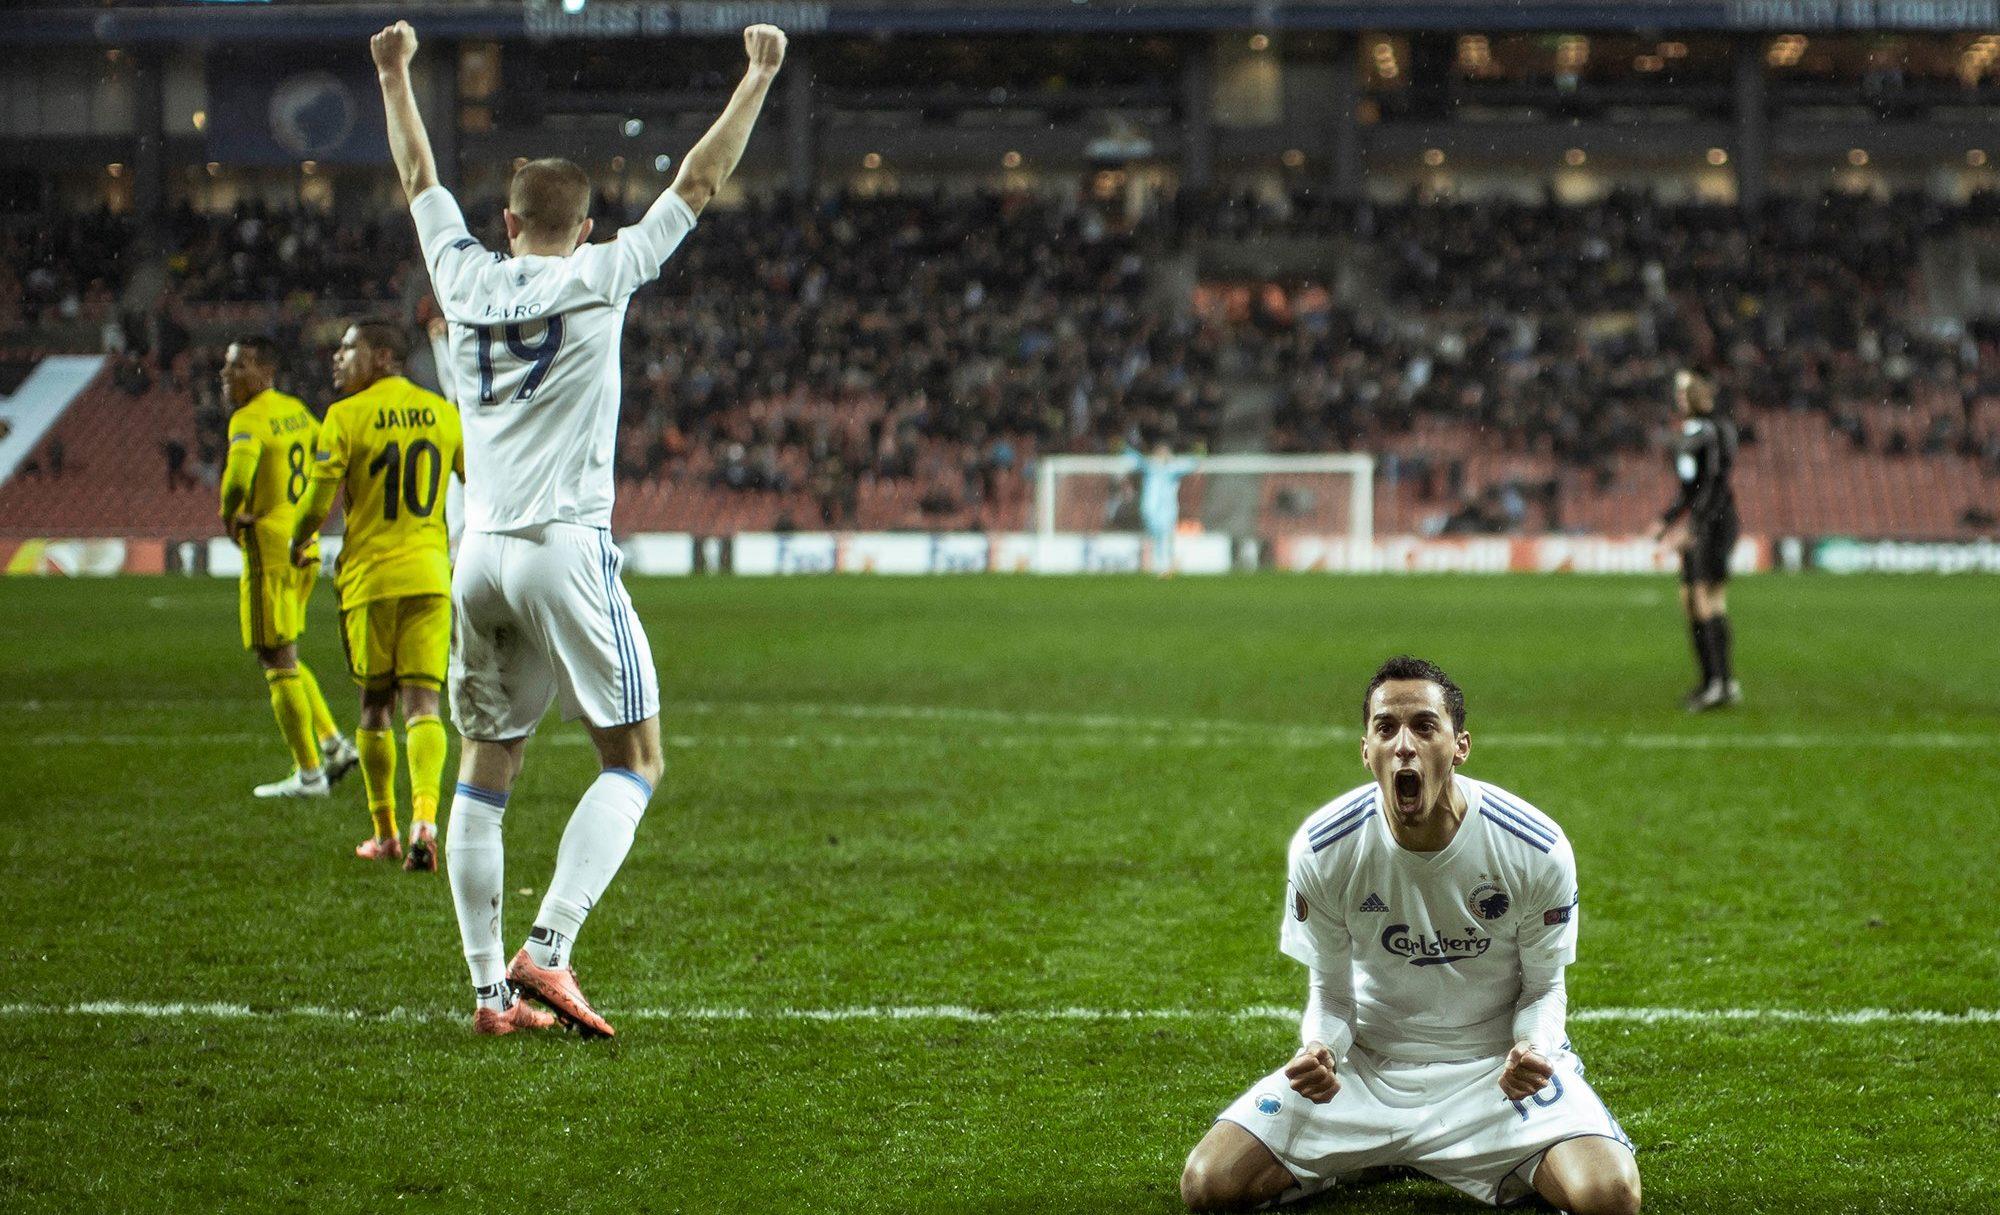 Europa League, Slavia Praga-Copenaghen giovedì 8 novembre: analisi e pronostico della quarta giornata della fase a gironi